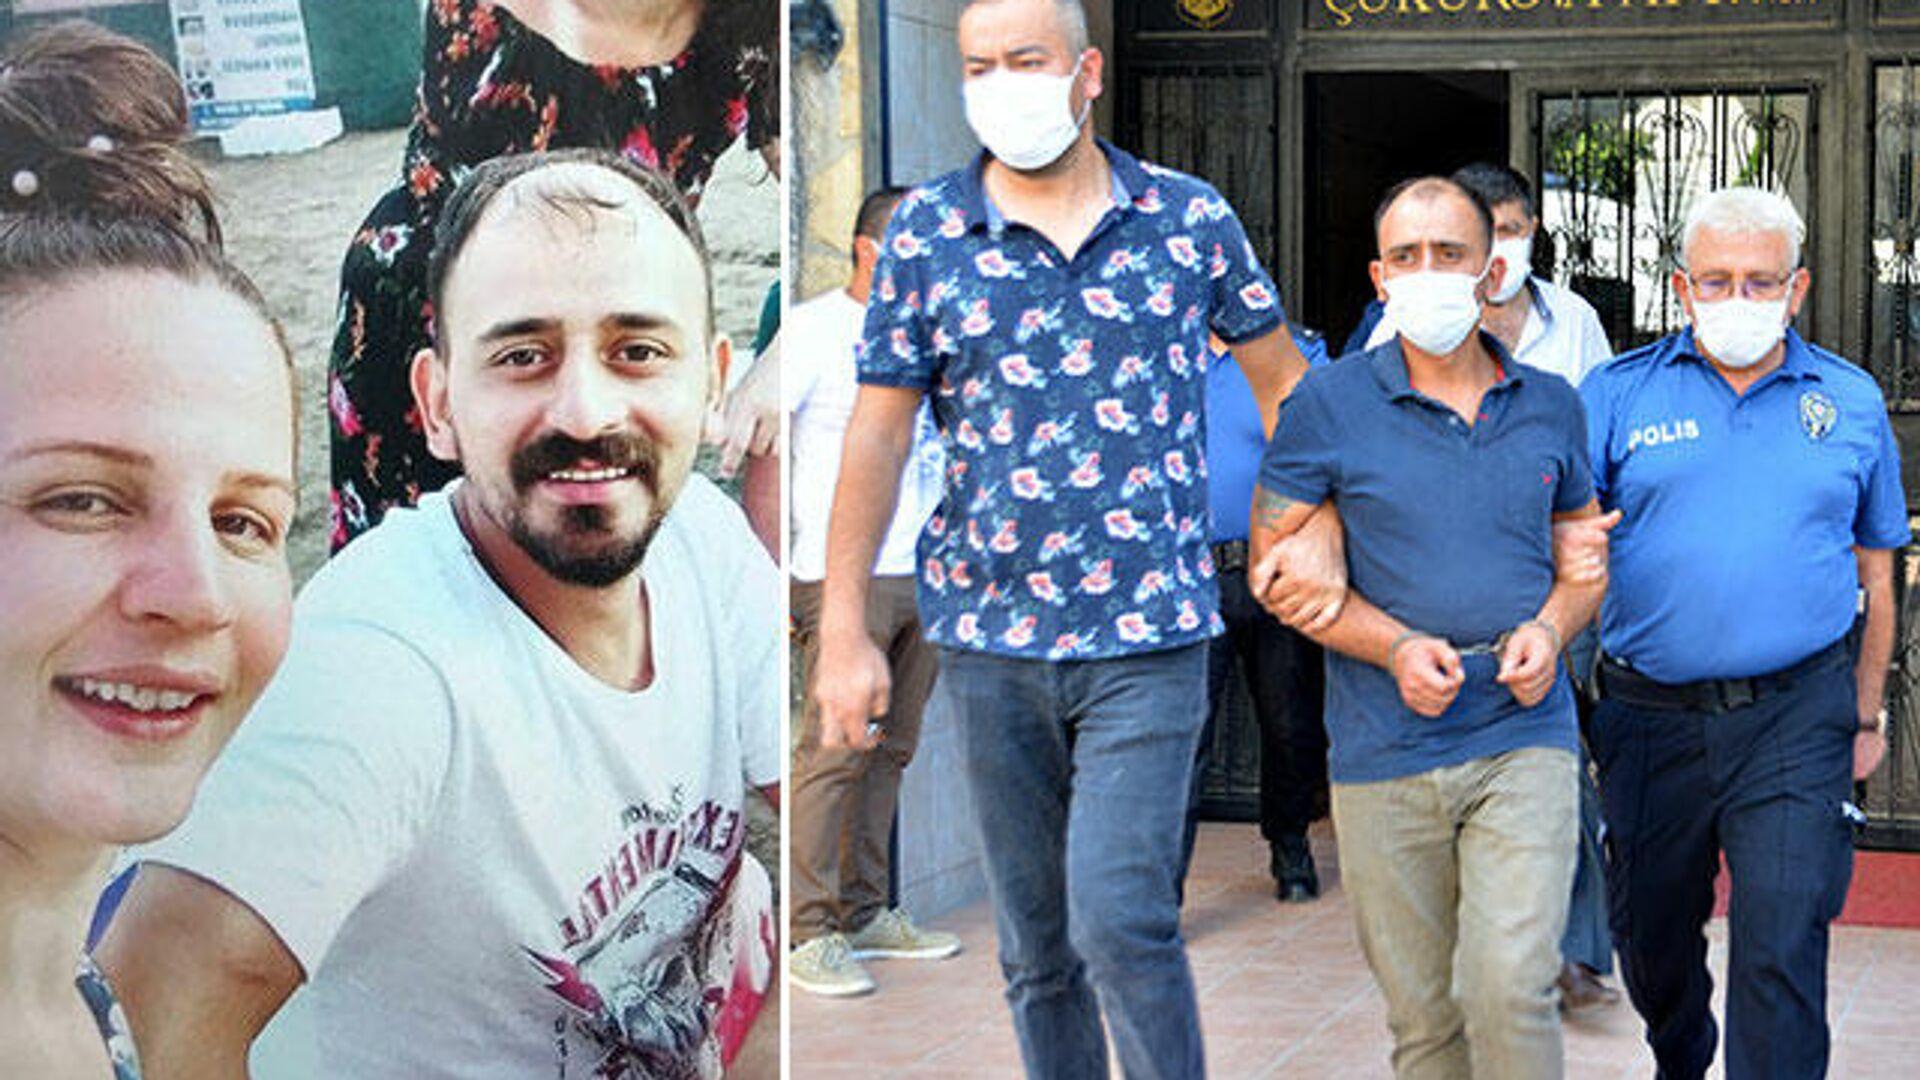 Ozan Özten eşini öldürüp polise teslim oldu - Sputnik Türkiye, 1920, 15.08.2021